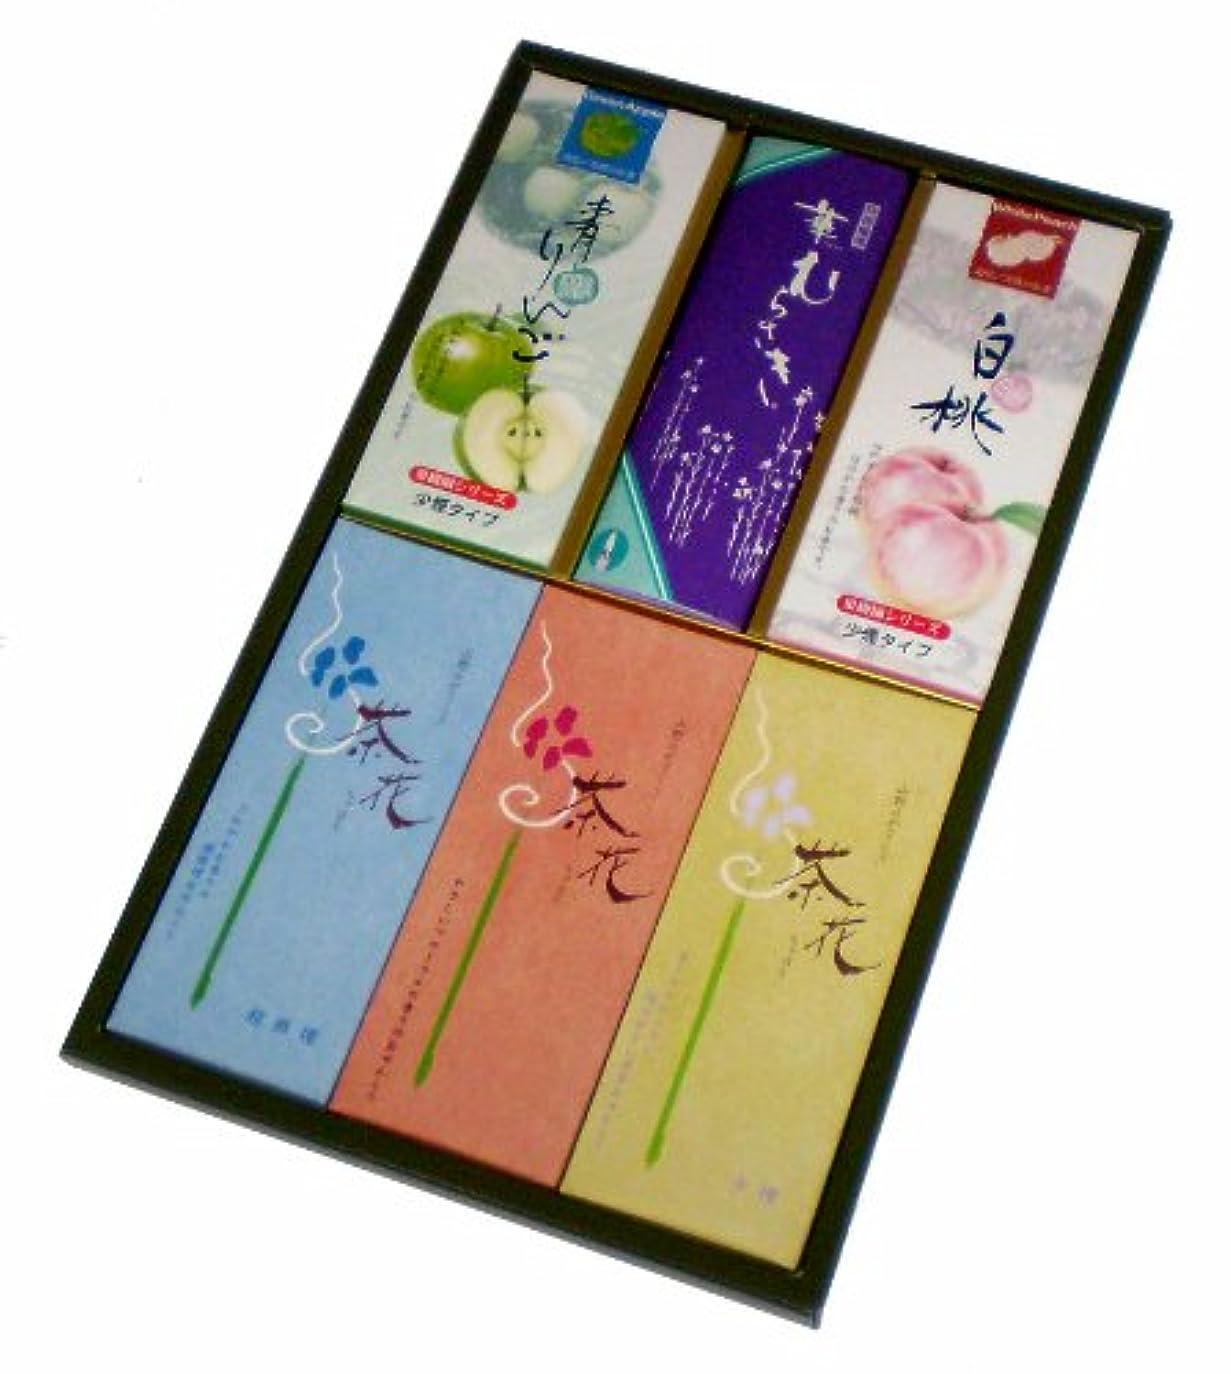 手段マイクロ大気尚林堂のお線香 茶花アソート